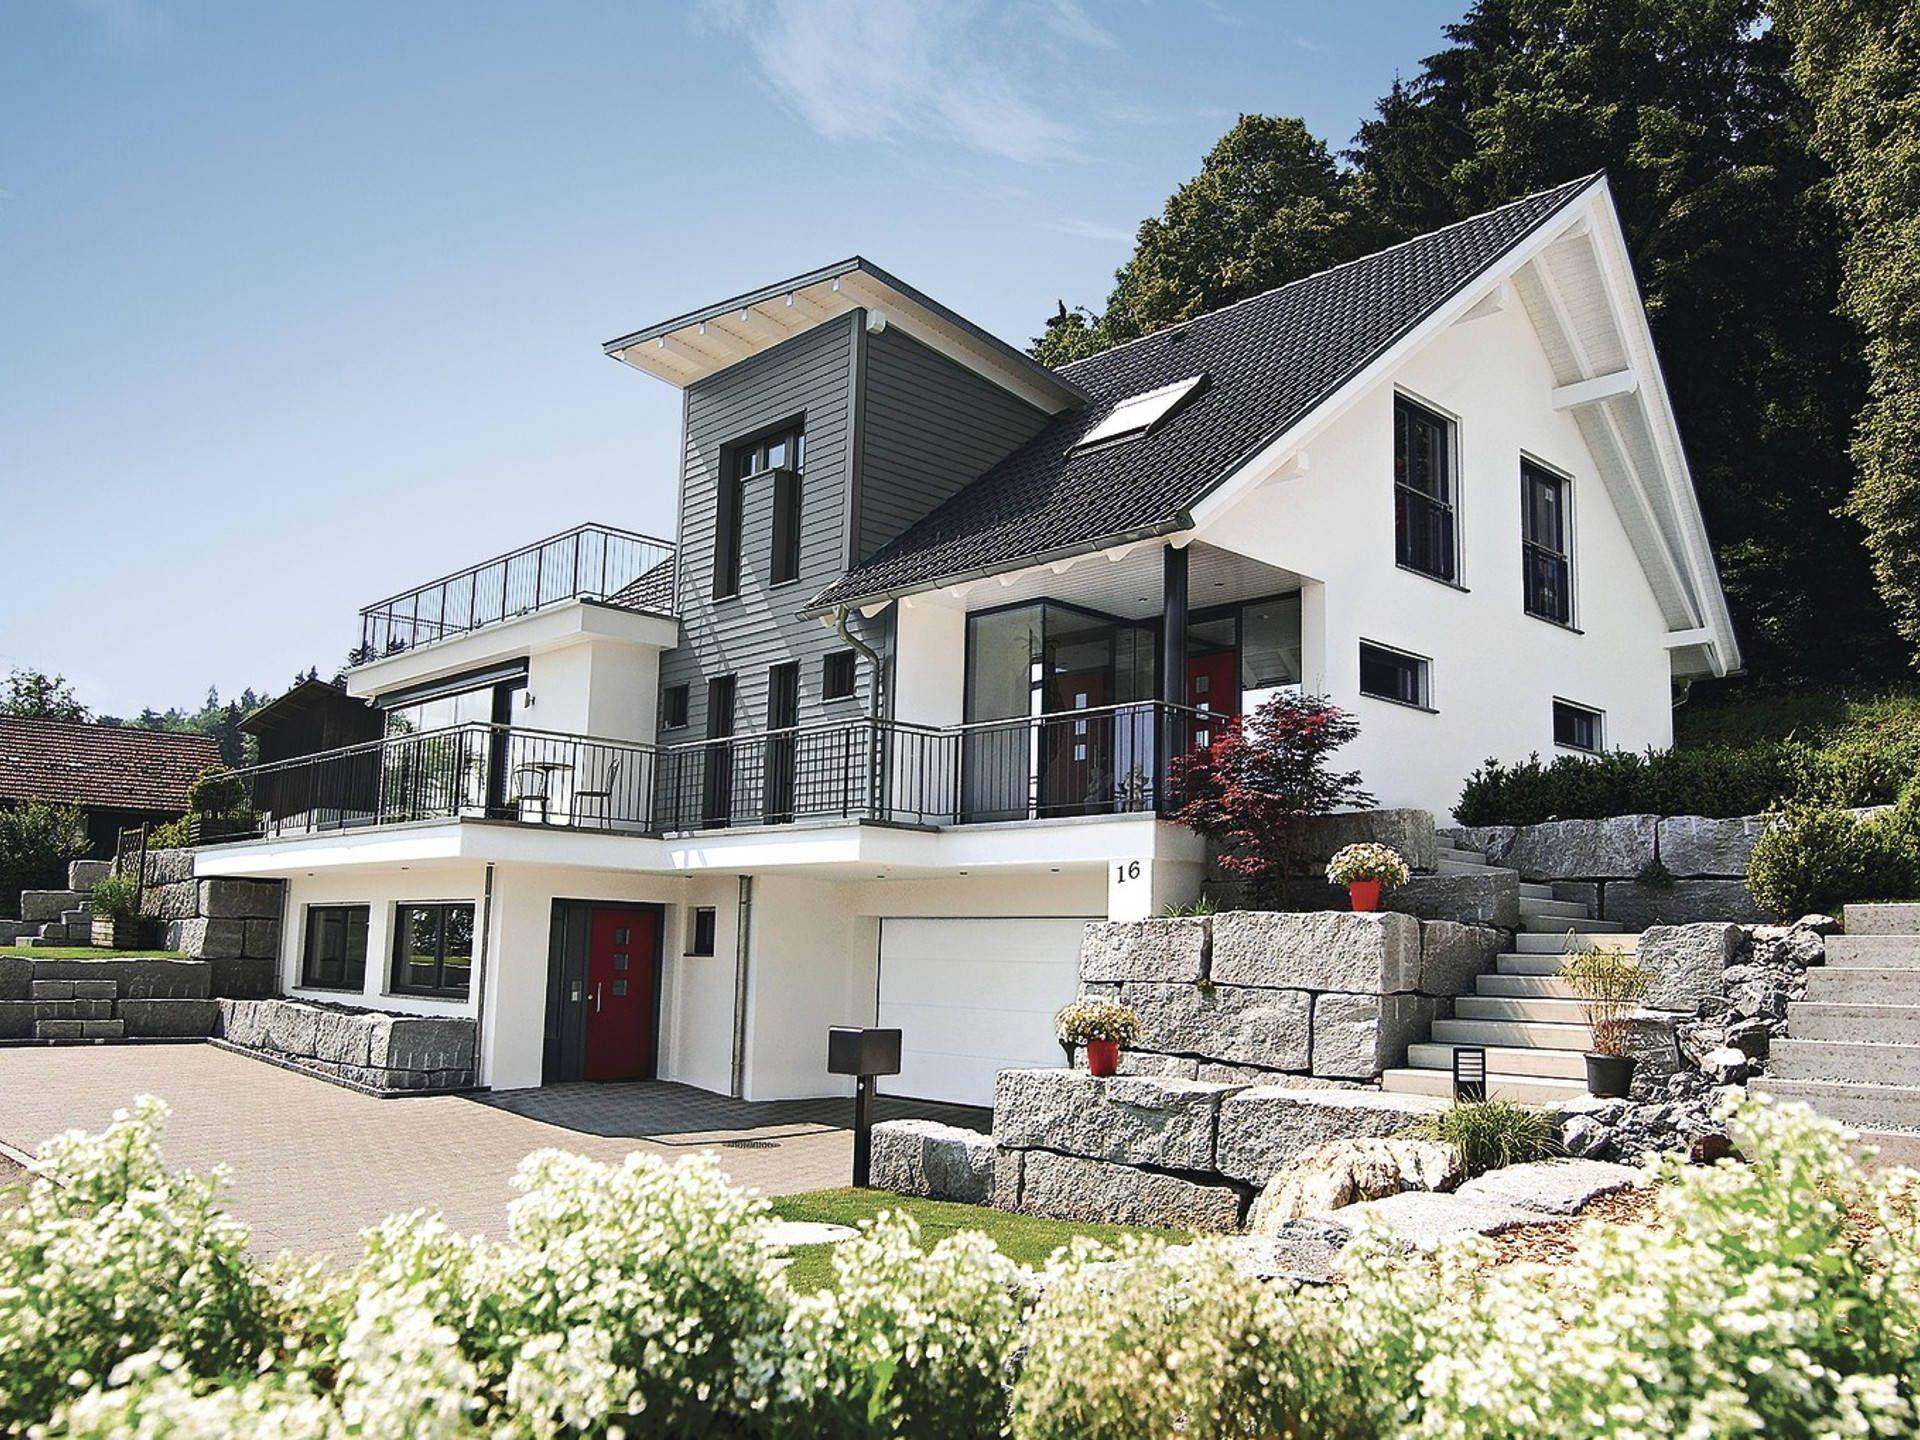 Einfamilienhaus mit hanglage in 2019 architektenhaus for Modernes haus in hanglage